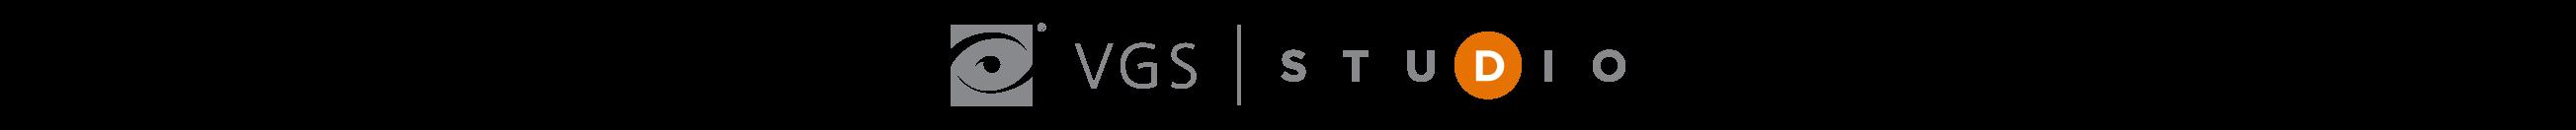 VGS-StudioD-8